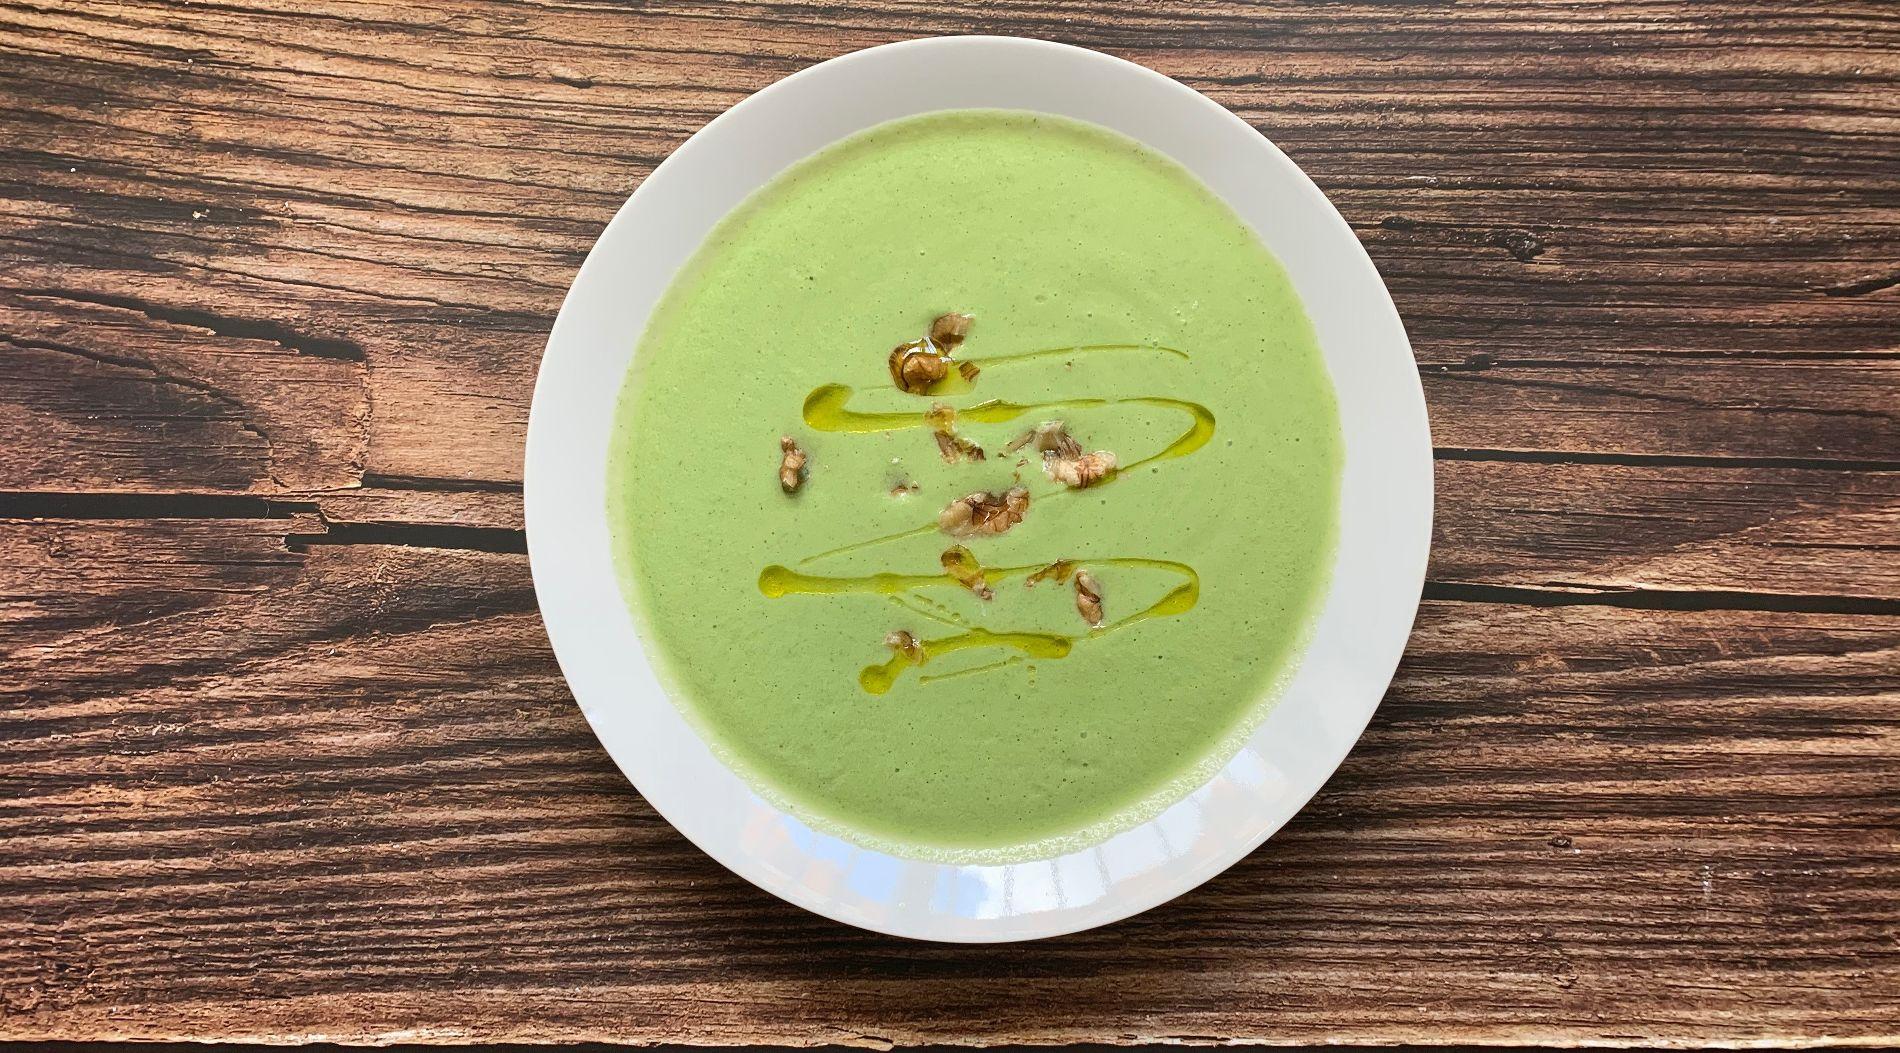 Суп-пюре из брокколи © Фото Javier с сайта pexels.com